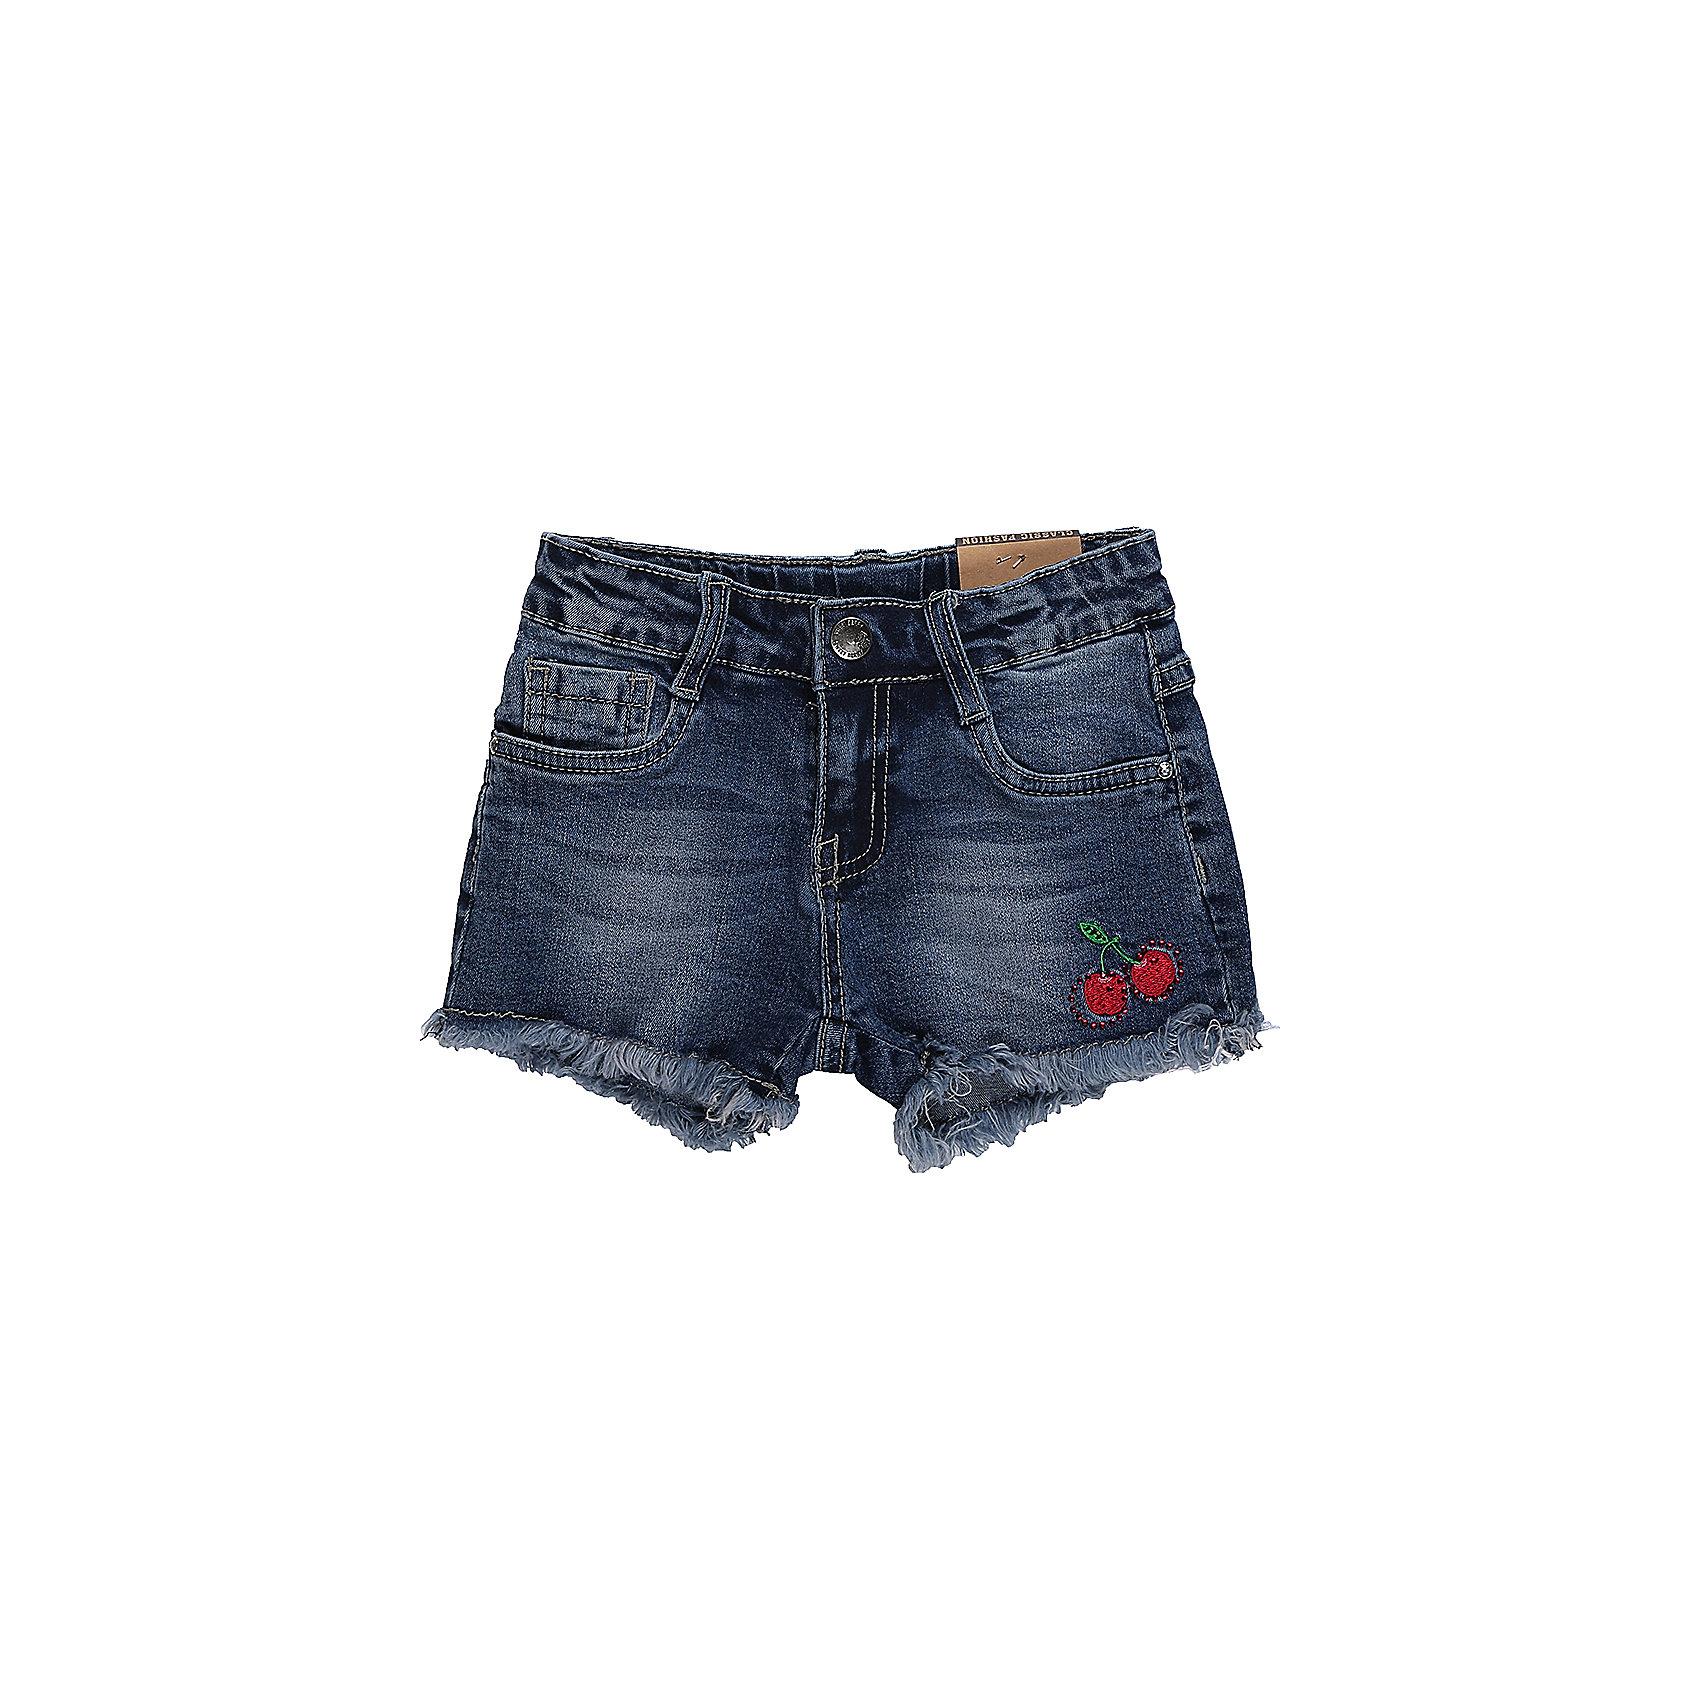 Шорты джинсовые для девочки Sweet BerryДжинсовая одежда<br>Джинсовые шорты для девочки. Декорированы яркой вышивкой. Застегиваются на молнию и пуговицу.   В боковой части пояса находятся вшитые эластичные ленты, регулирующие посадку по талии.<br>Состав:<br>98%хлопок 2%эластан<br><br>Ширина мм: 191<br>Глубина мм: 10<br>Высота мм: 175<br>Вес г: 273<br>Цвет: синий<br>Возраст от месяцев: 36<br>Возраст до месяцев: 48<br>Пол: Женский<br>Возраст: Детский<br>Размер: 104,98,110,116,122,128<br>SKU: 5410010